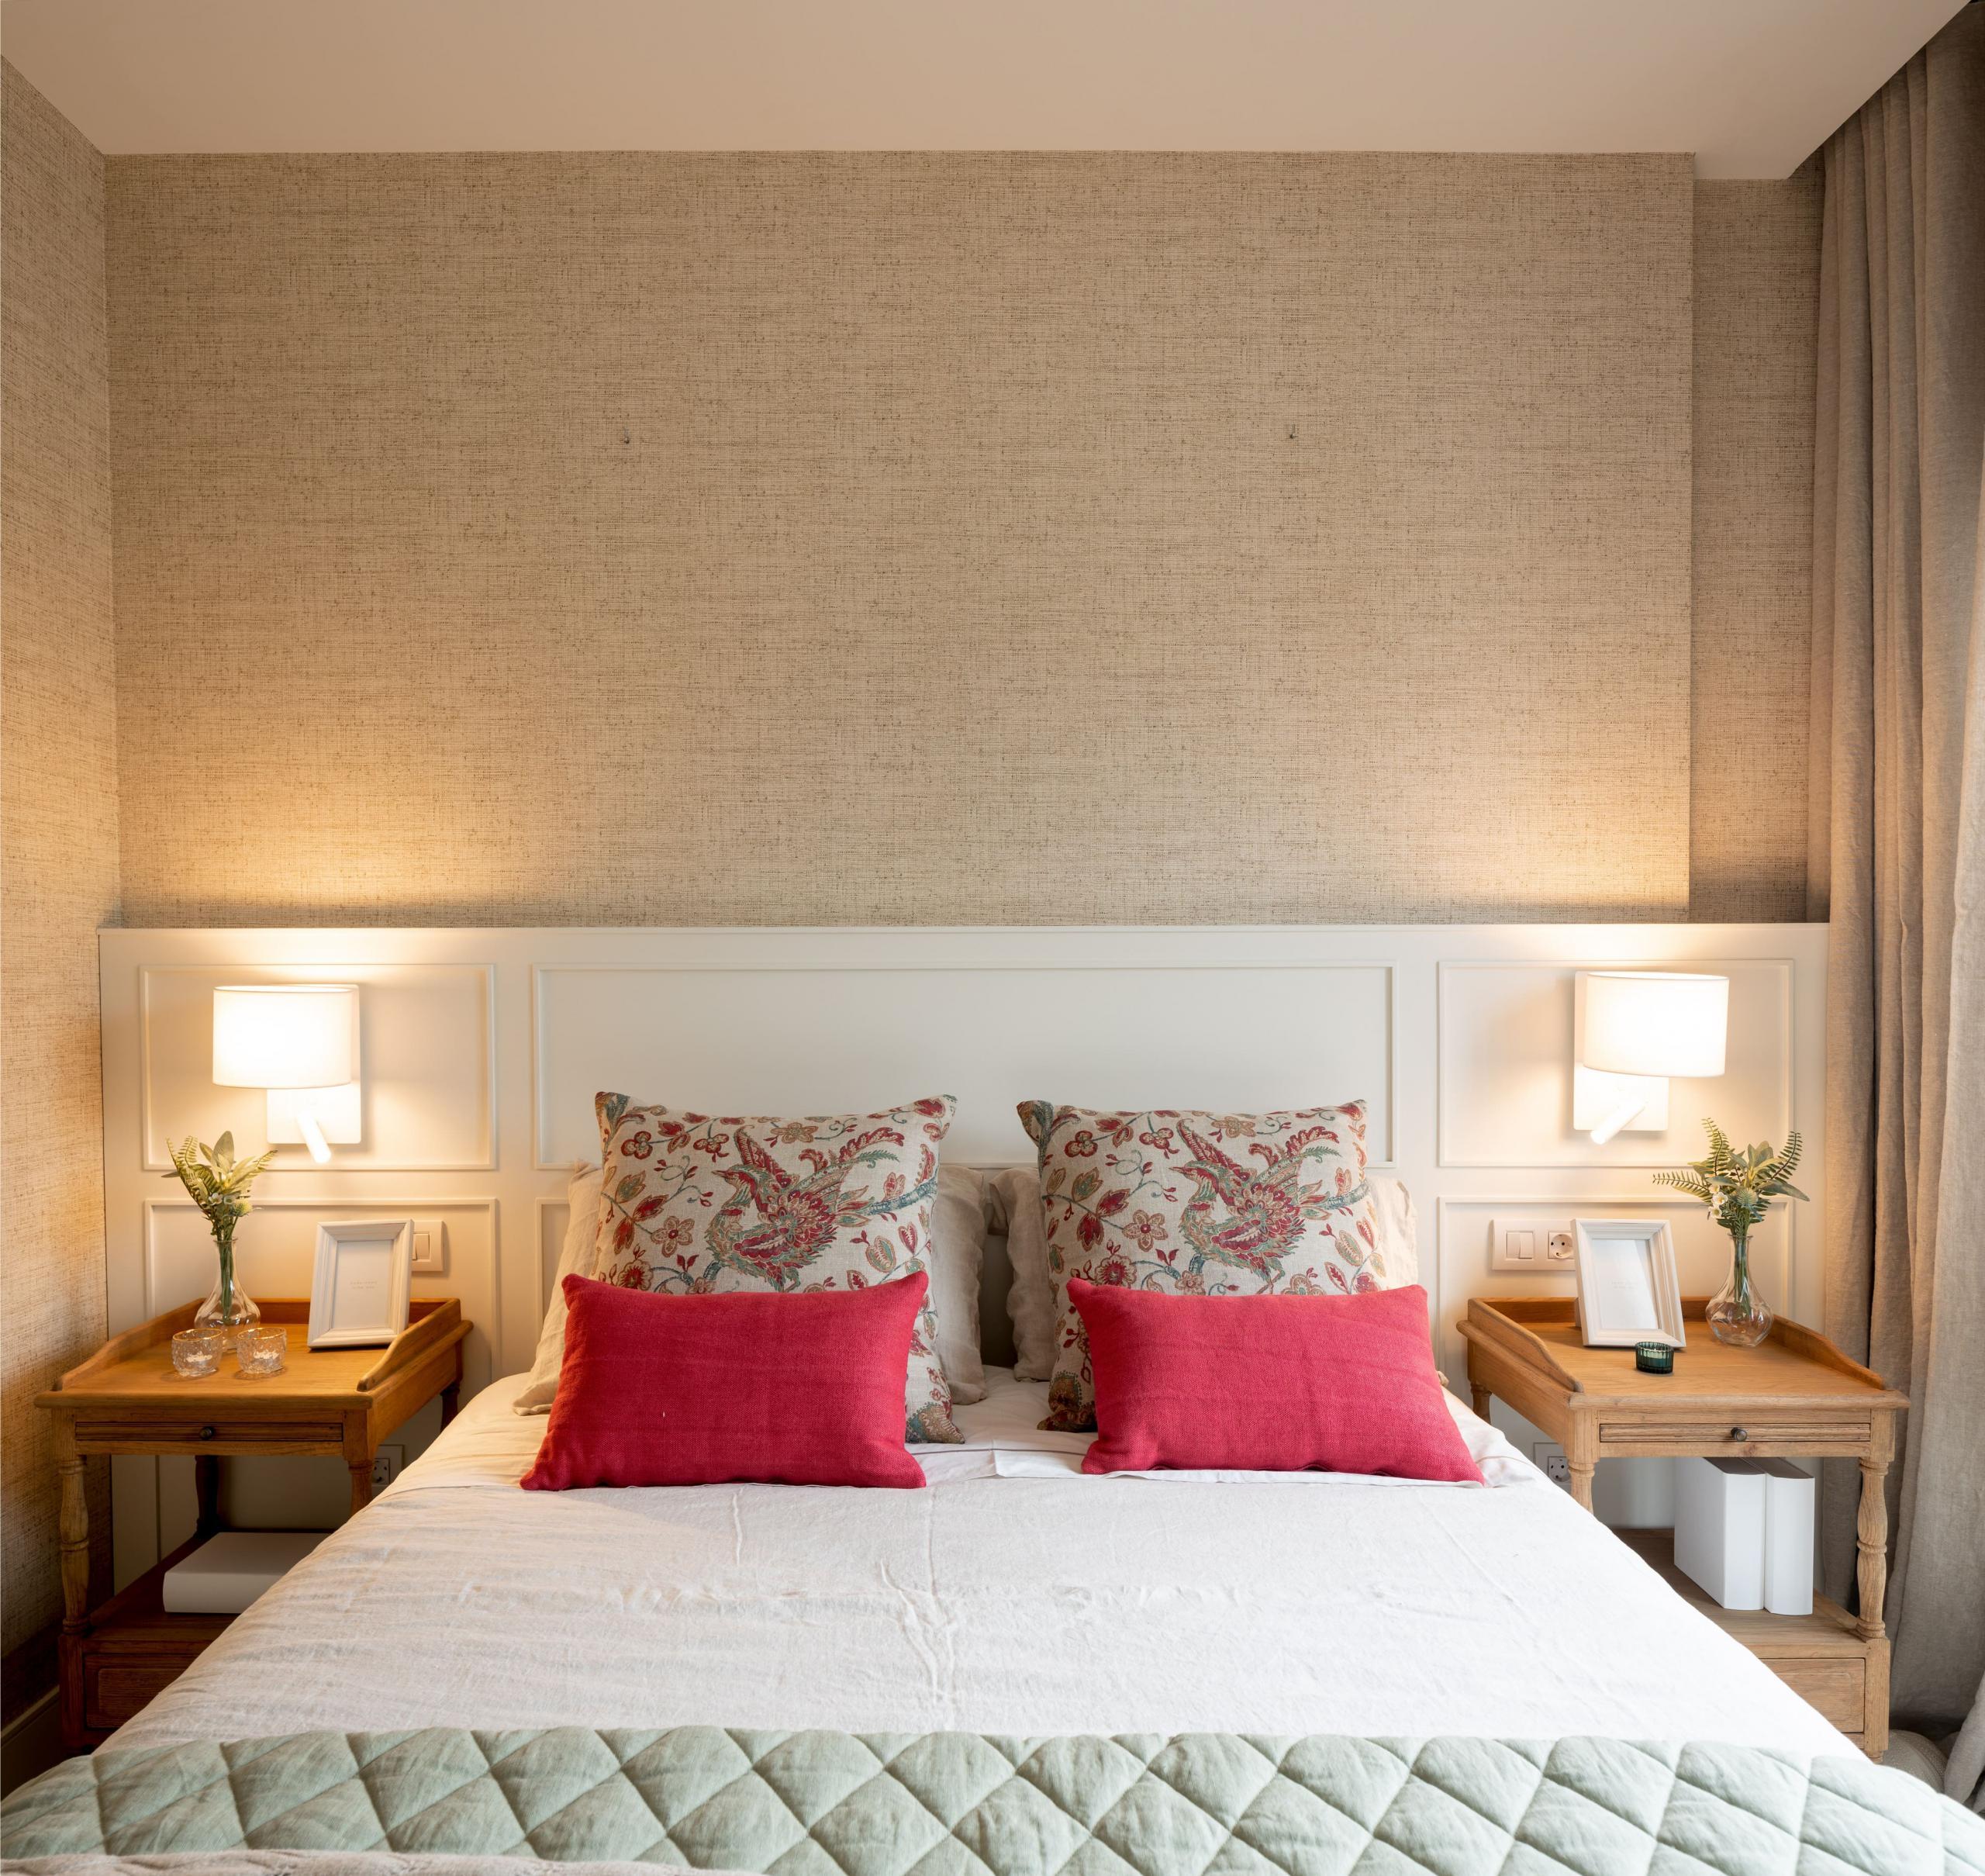 Decoración de dormitorio principal con cabecero blanco